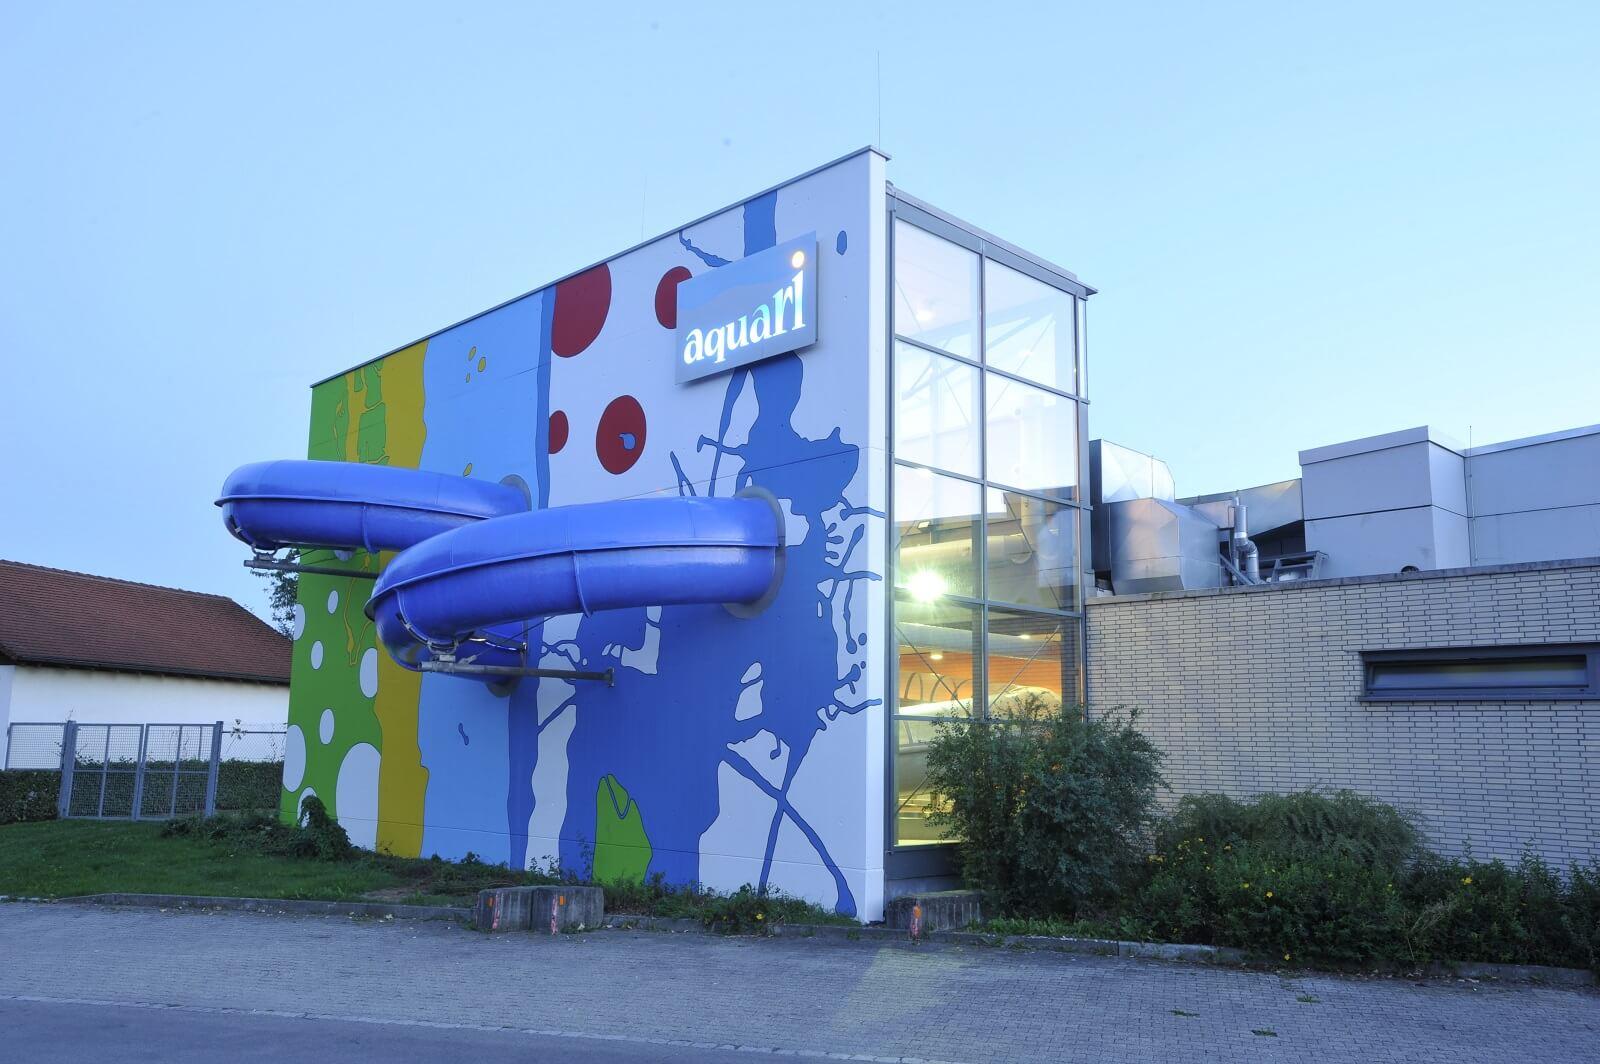 Frontseite aquari